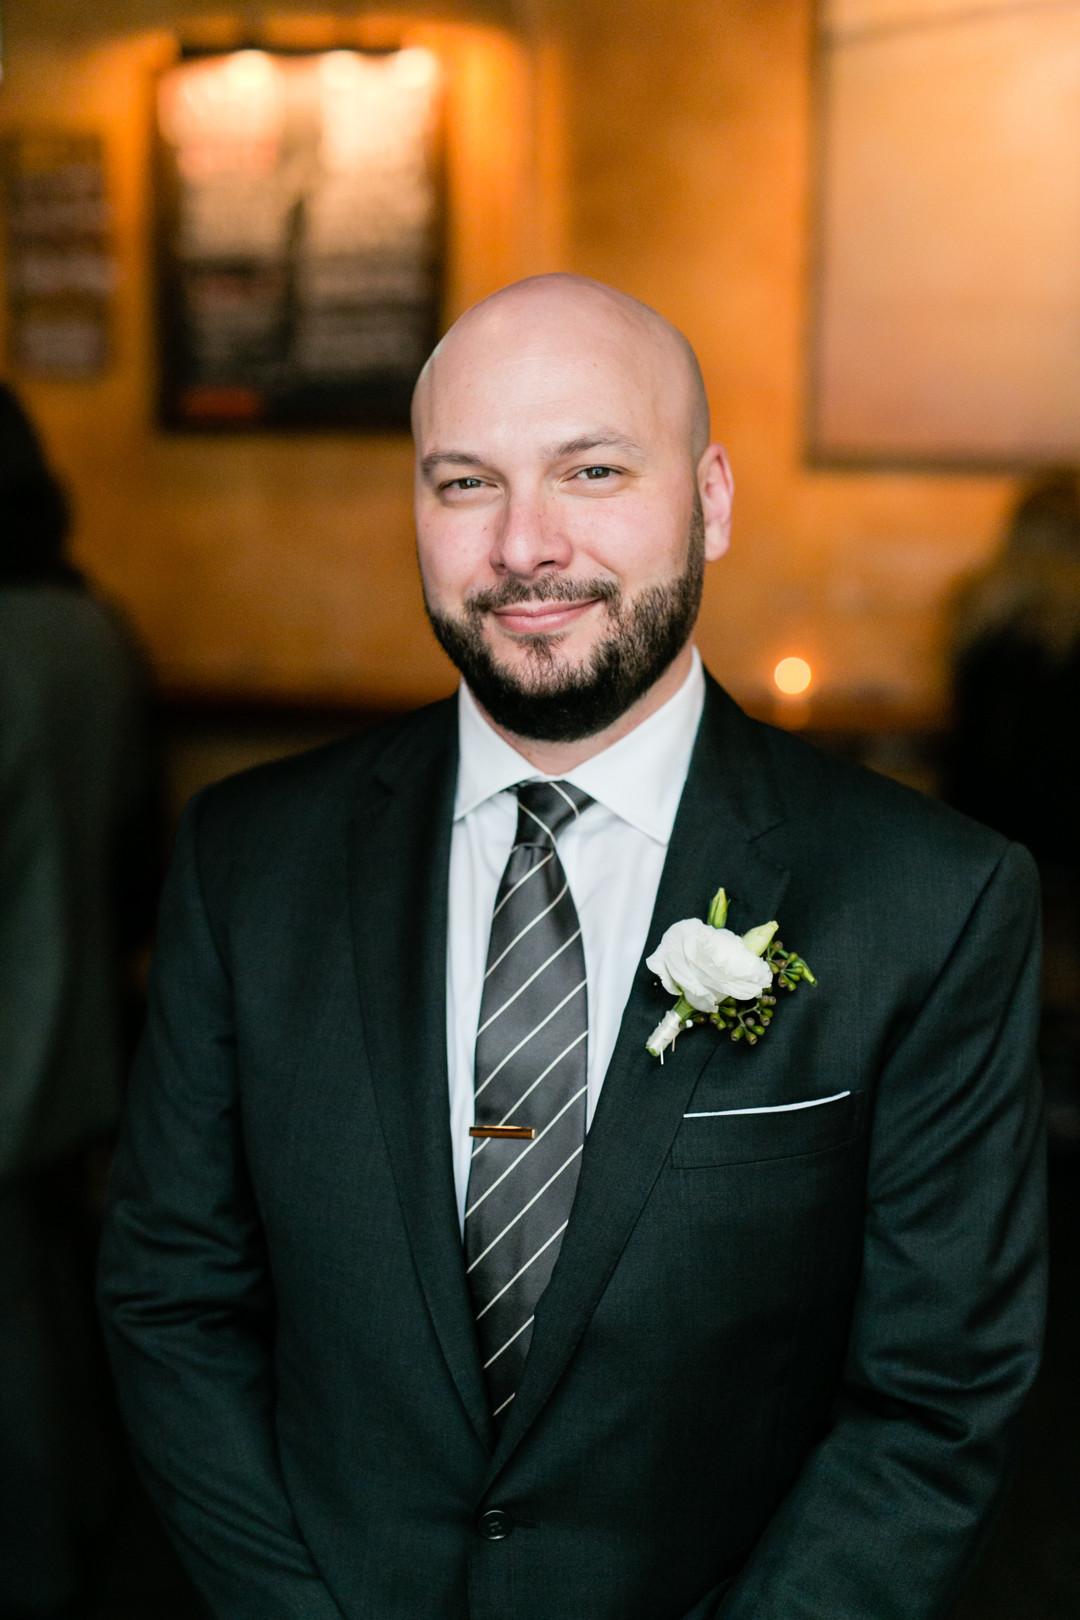 Woolard_Callegari_CaseyFatchettPhotography_publicrestaurantwedding16_big.jpg